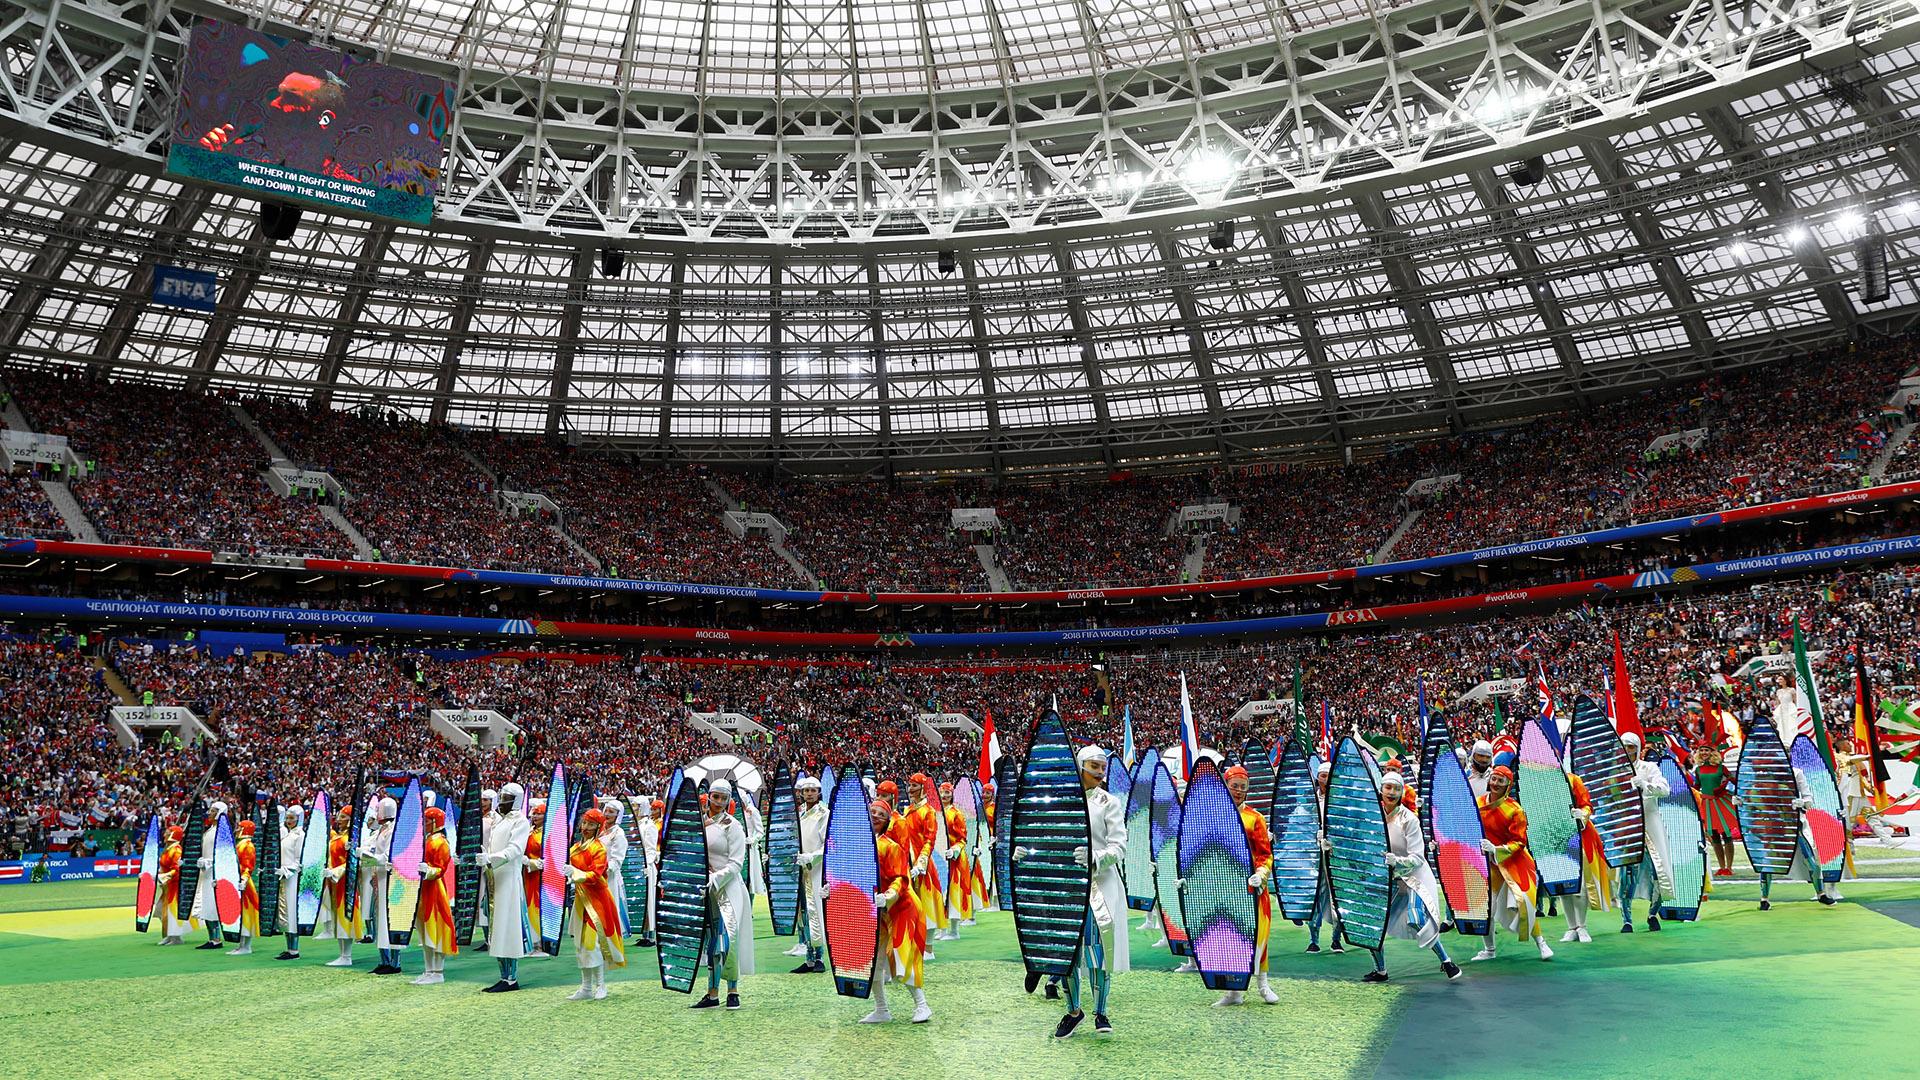 Durante el show de inauguración hubo referencias a todos los países participantes del Mundial. La ceremonia fue corta, sencilla y discreta, entregada al hipnotismo del artistra británico Robbie Williams (REUTERS/Kai Pfaffenbach)